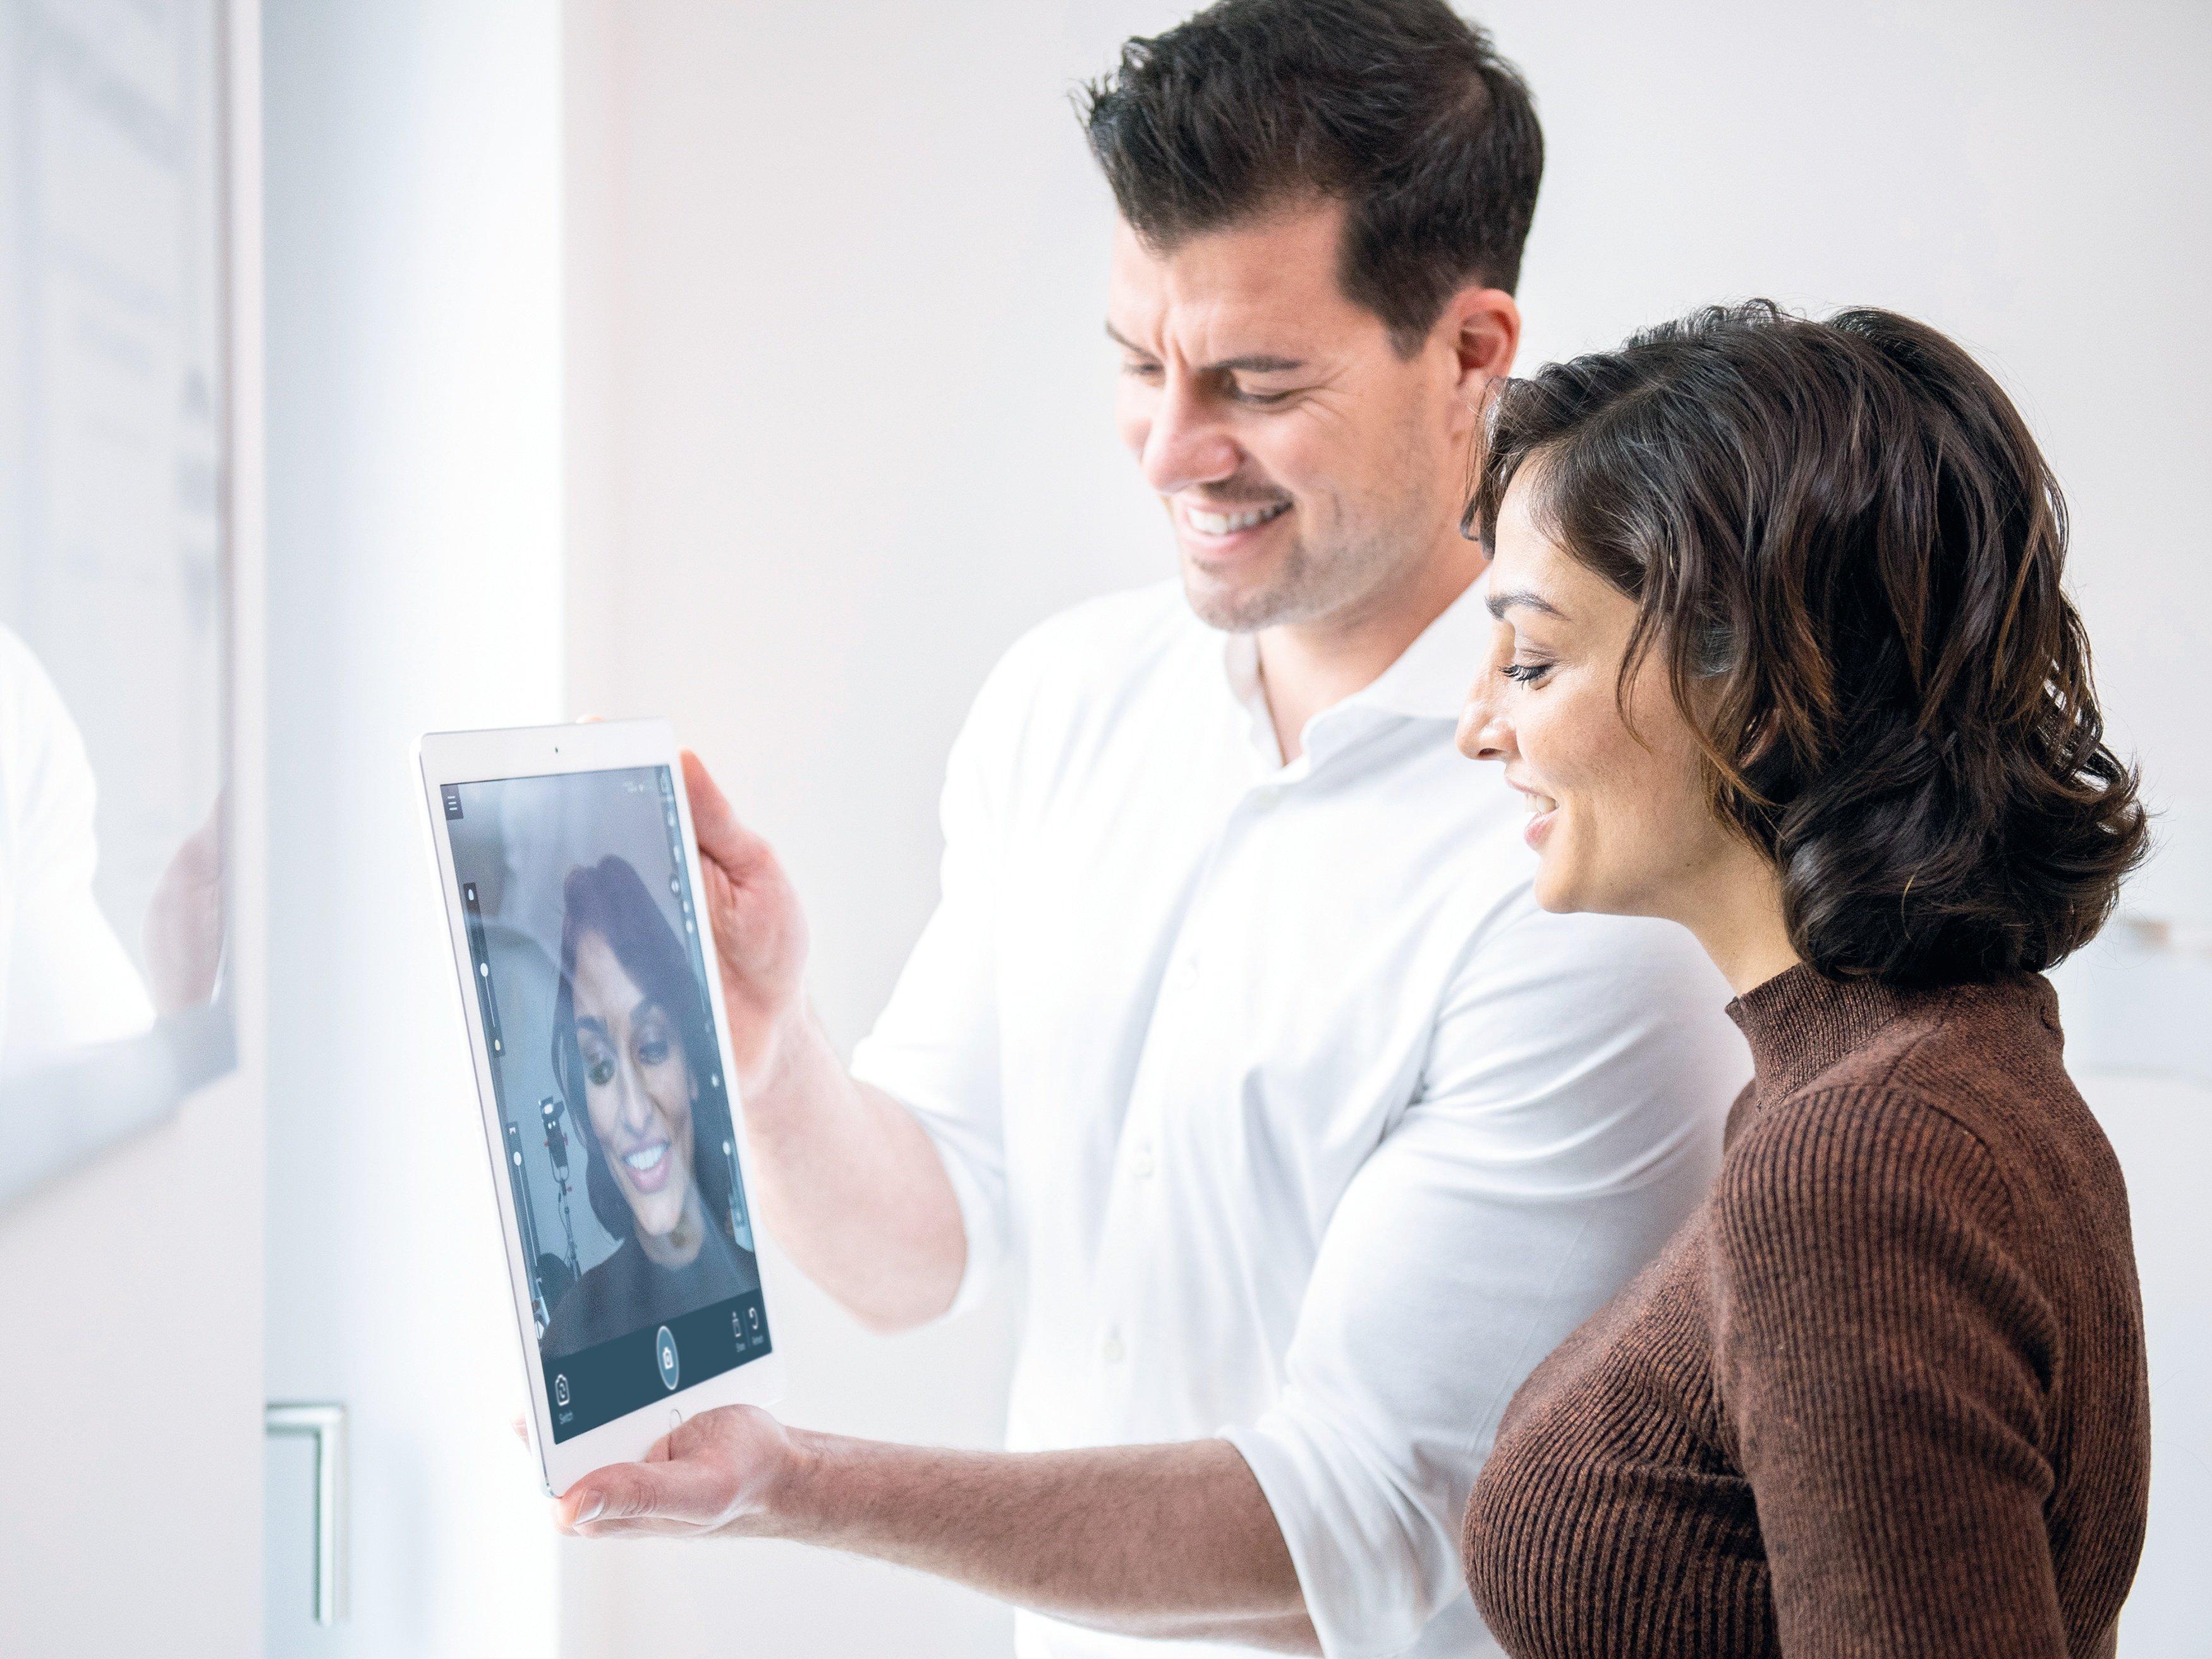 La aplicación IvoSmile ayuda a los dentistas y a los laboratorios a visualizar juntos la nueva sonrisa de un paciente